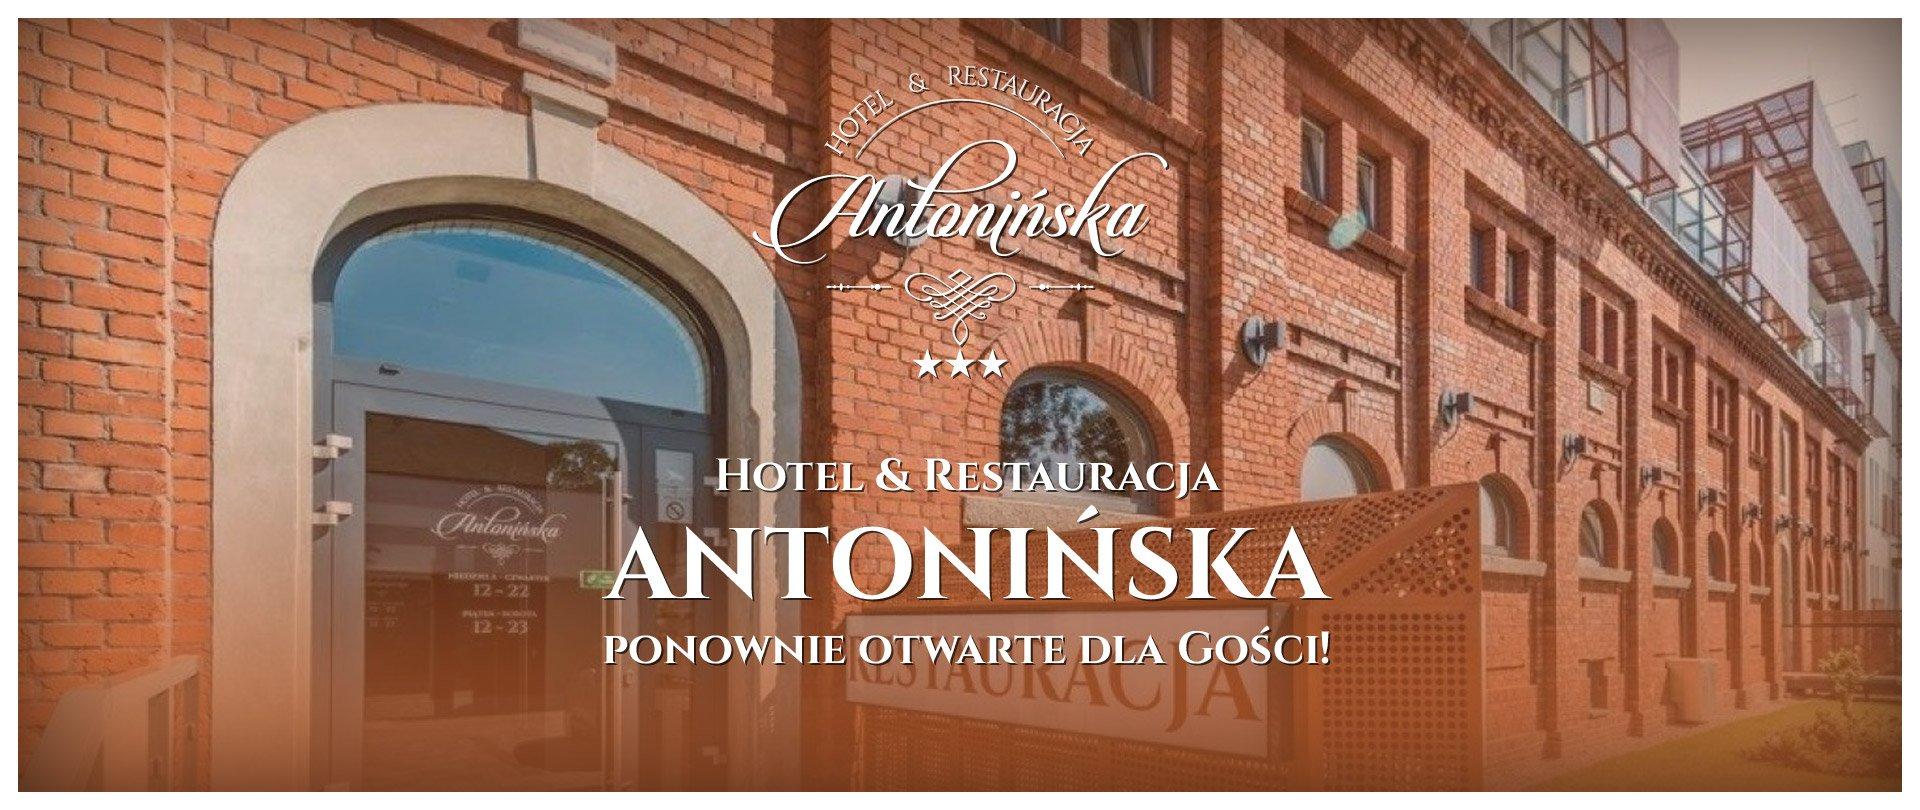 Hotel & Restauracja Antonińska ponownie otwarte dla Gości!